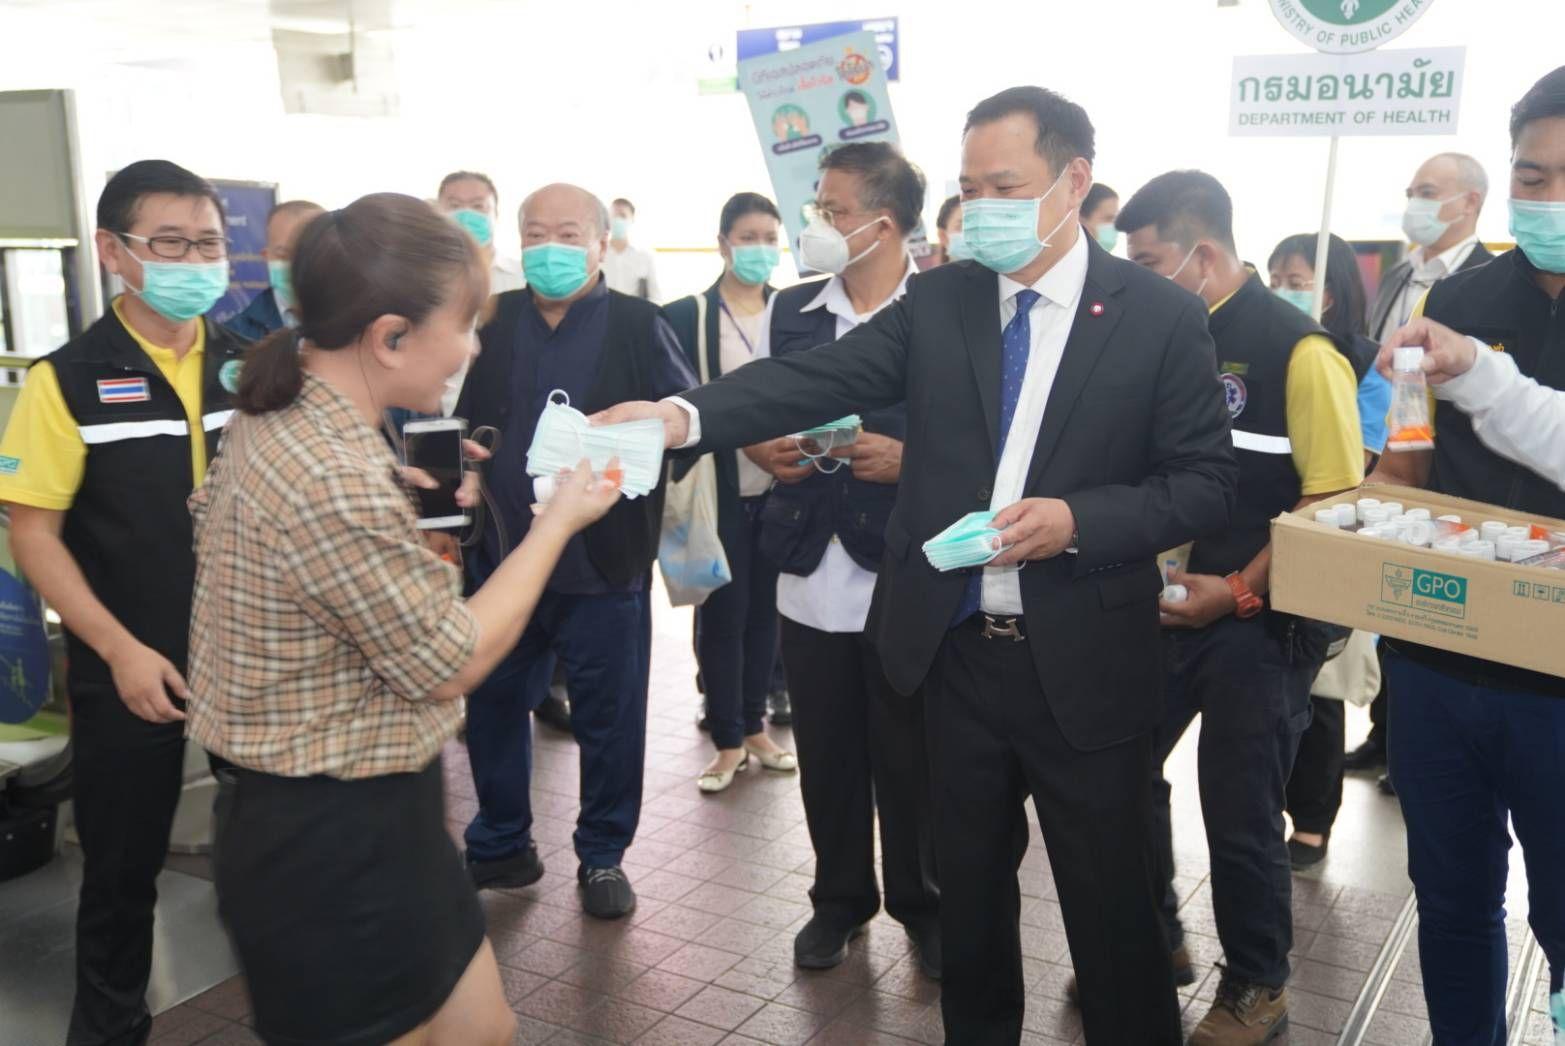 """""""อนุทิน"""" ขอโทษหลังนอตหลุดไล่ฝรั่งกลับประเทศ เหตุแสดงท่าทีรังเกียจ ไม่ร่วมมือใส่หน้ากาก ทั้งที่ไทยกำลังรณรงค์ป้องกันไวรัสโคโรนา"""